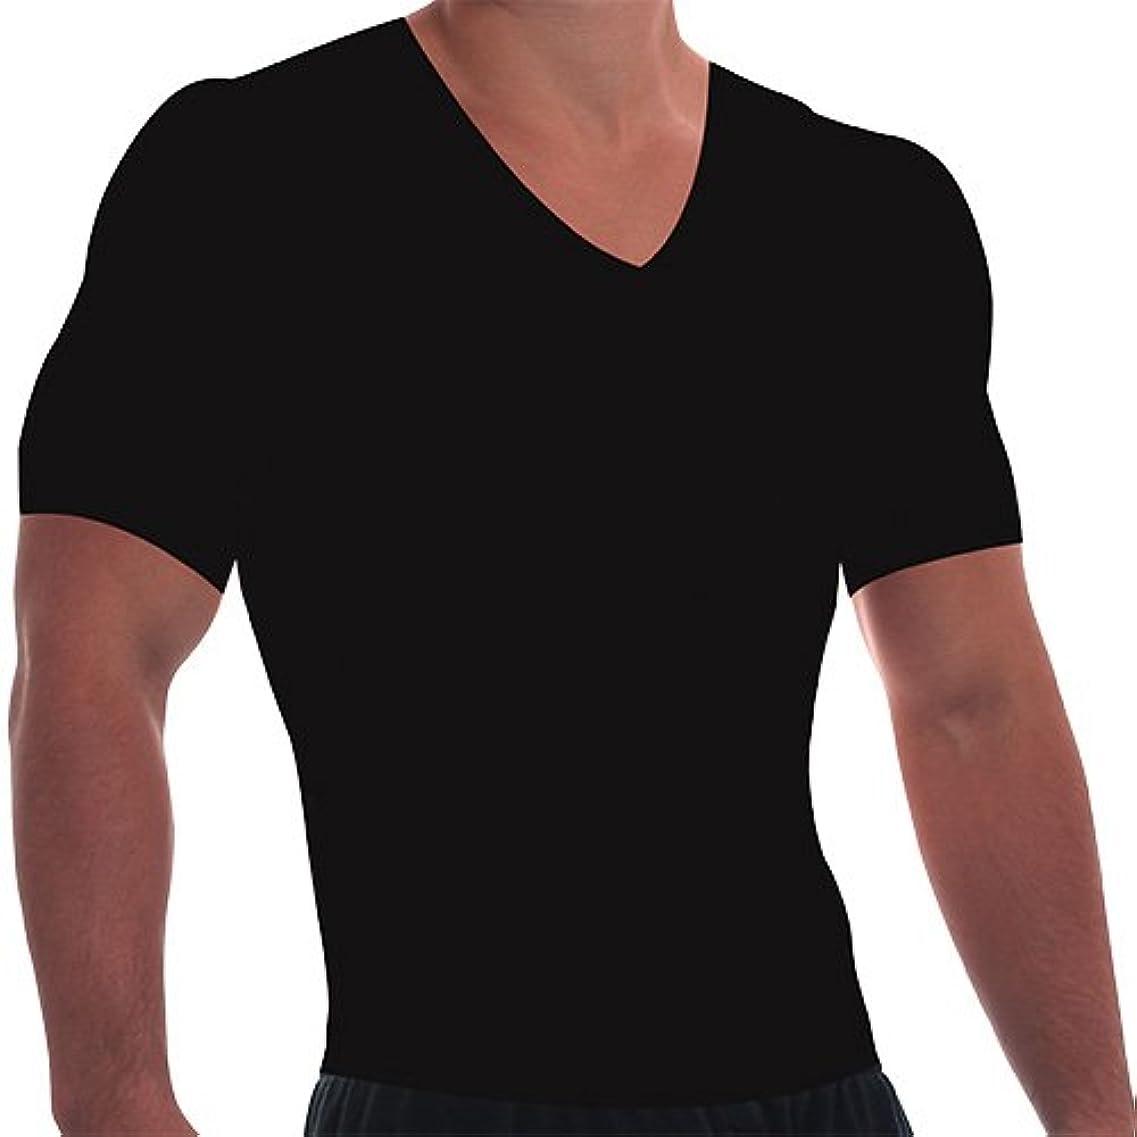 施し雪だるま励起[トーンティー] 加圧インナーシャツ ブラック Mサイズ 4225283